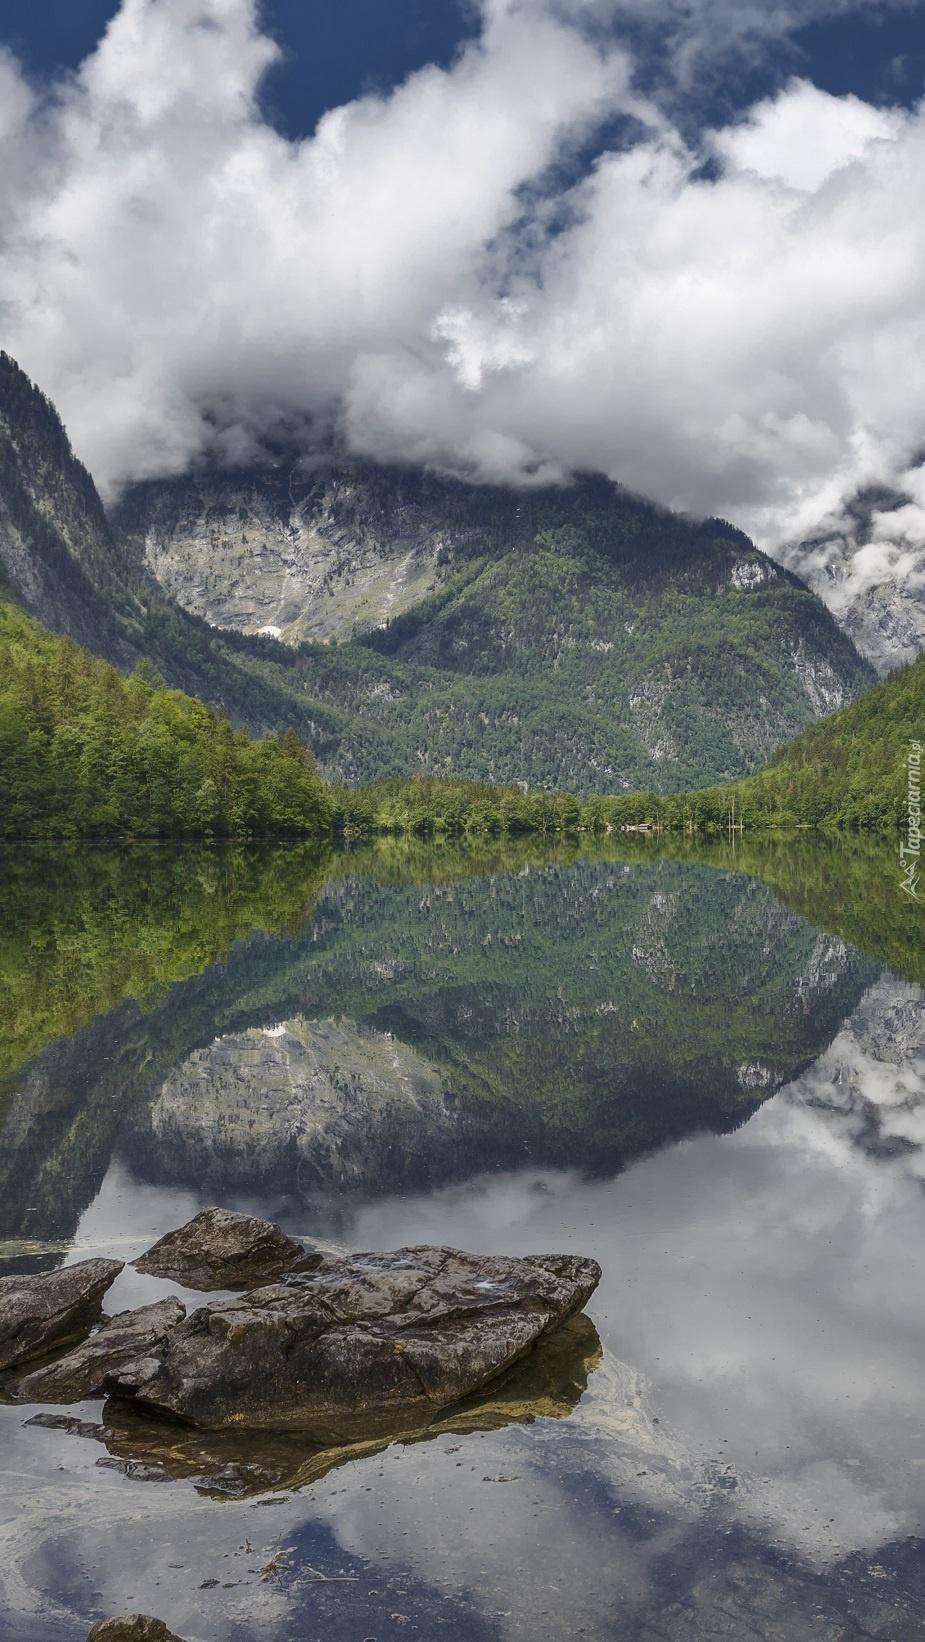 Alpy nad jeziorem Obersee